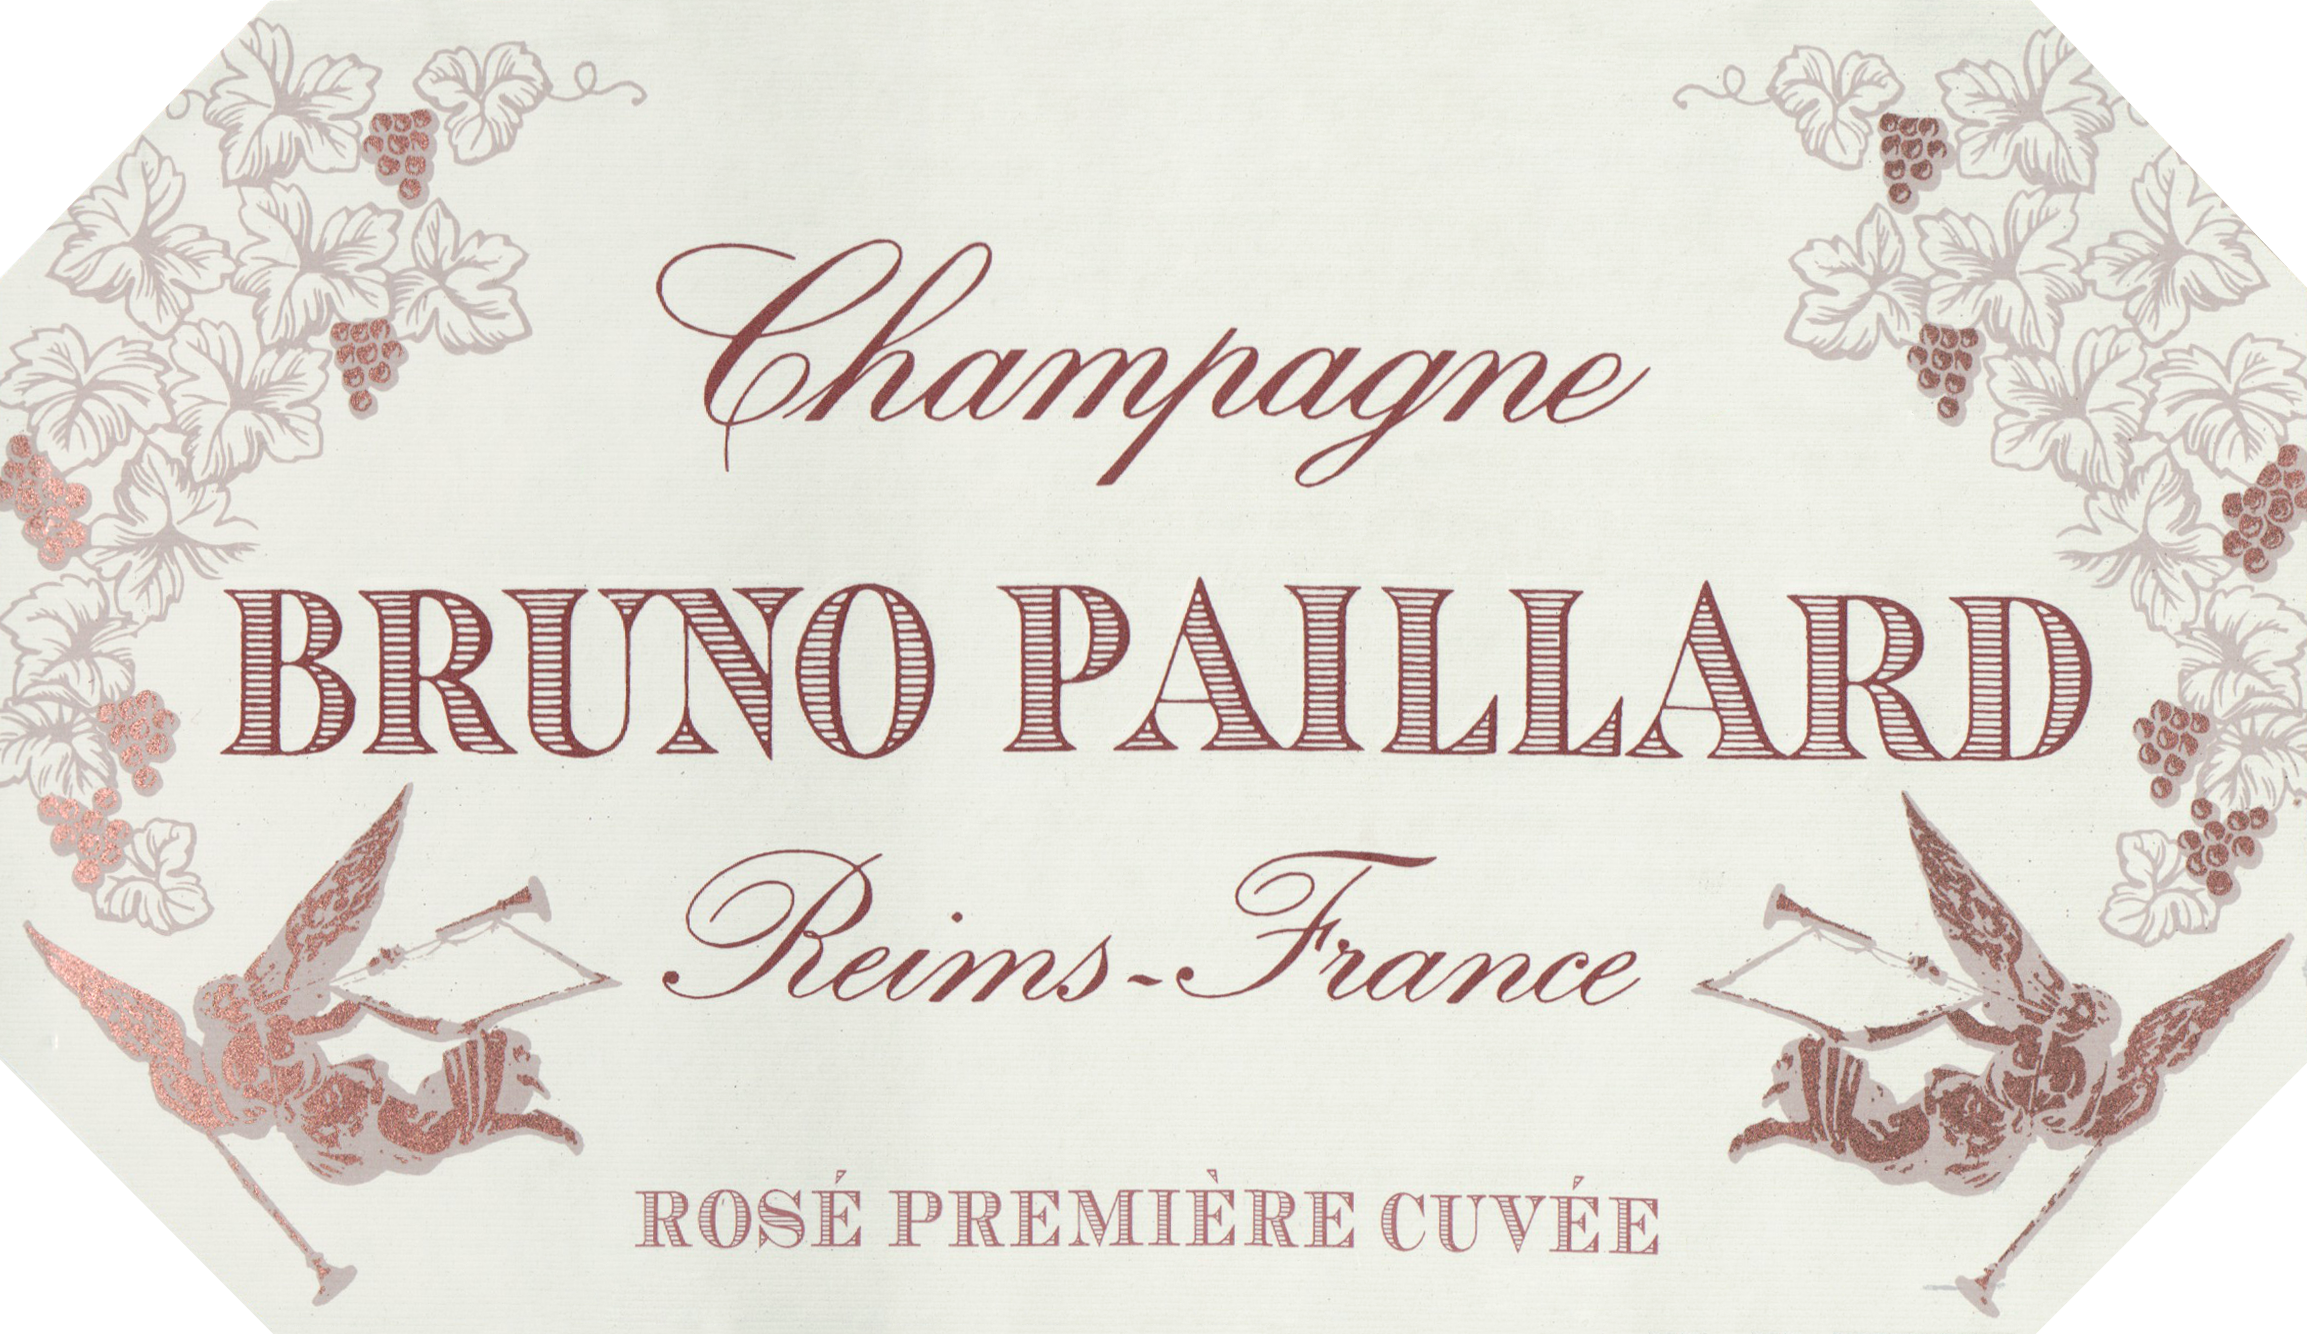 Bruno Paillard Brut Rose Premiere Cuvee